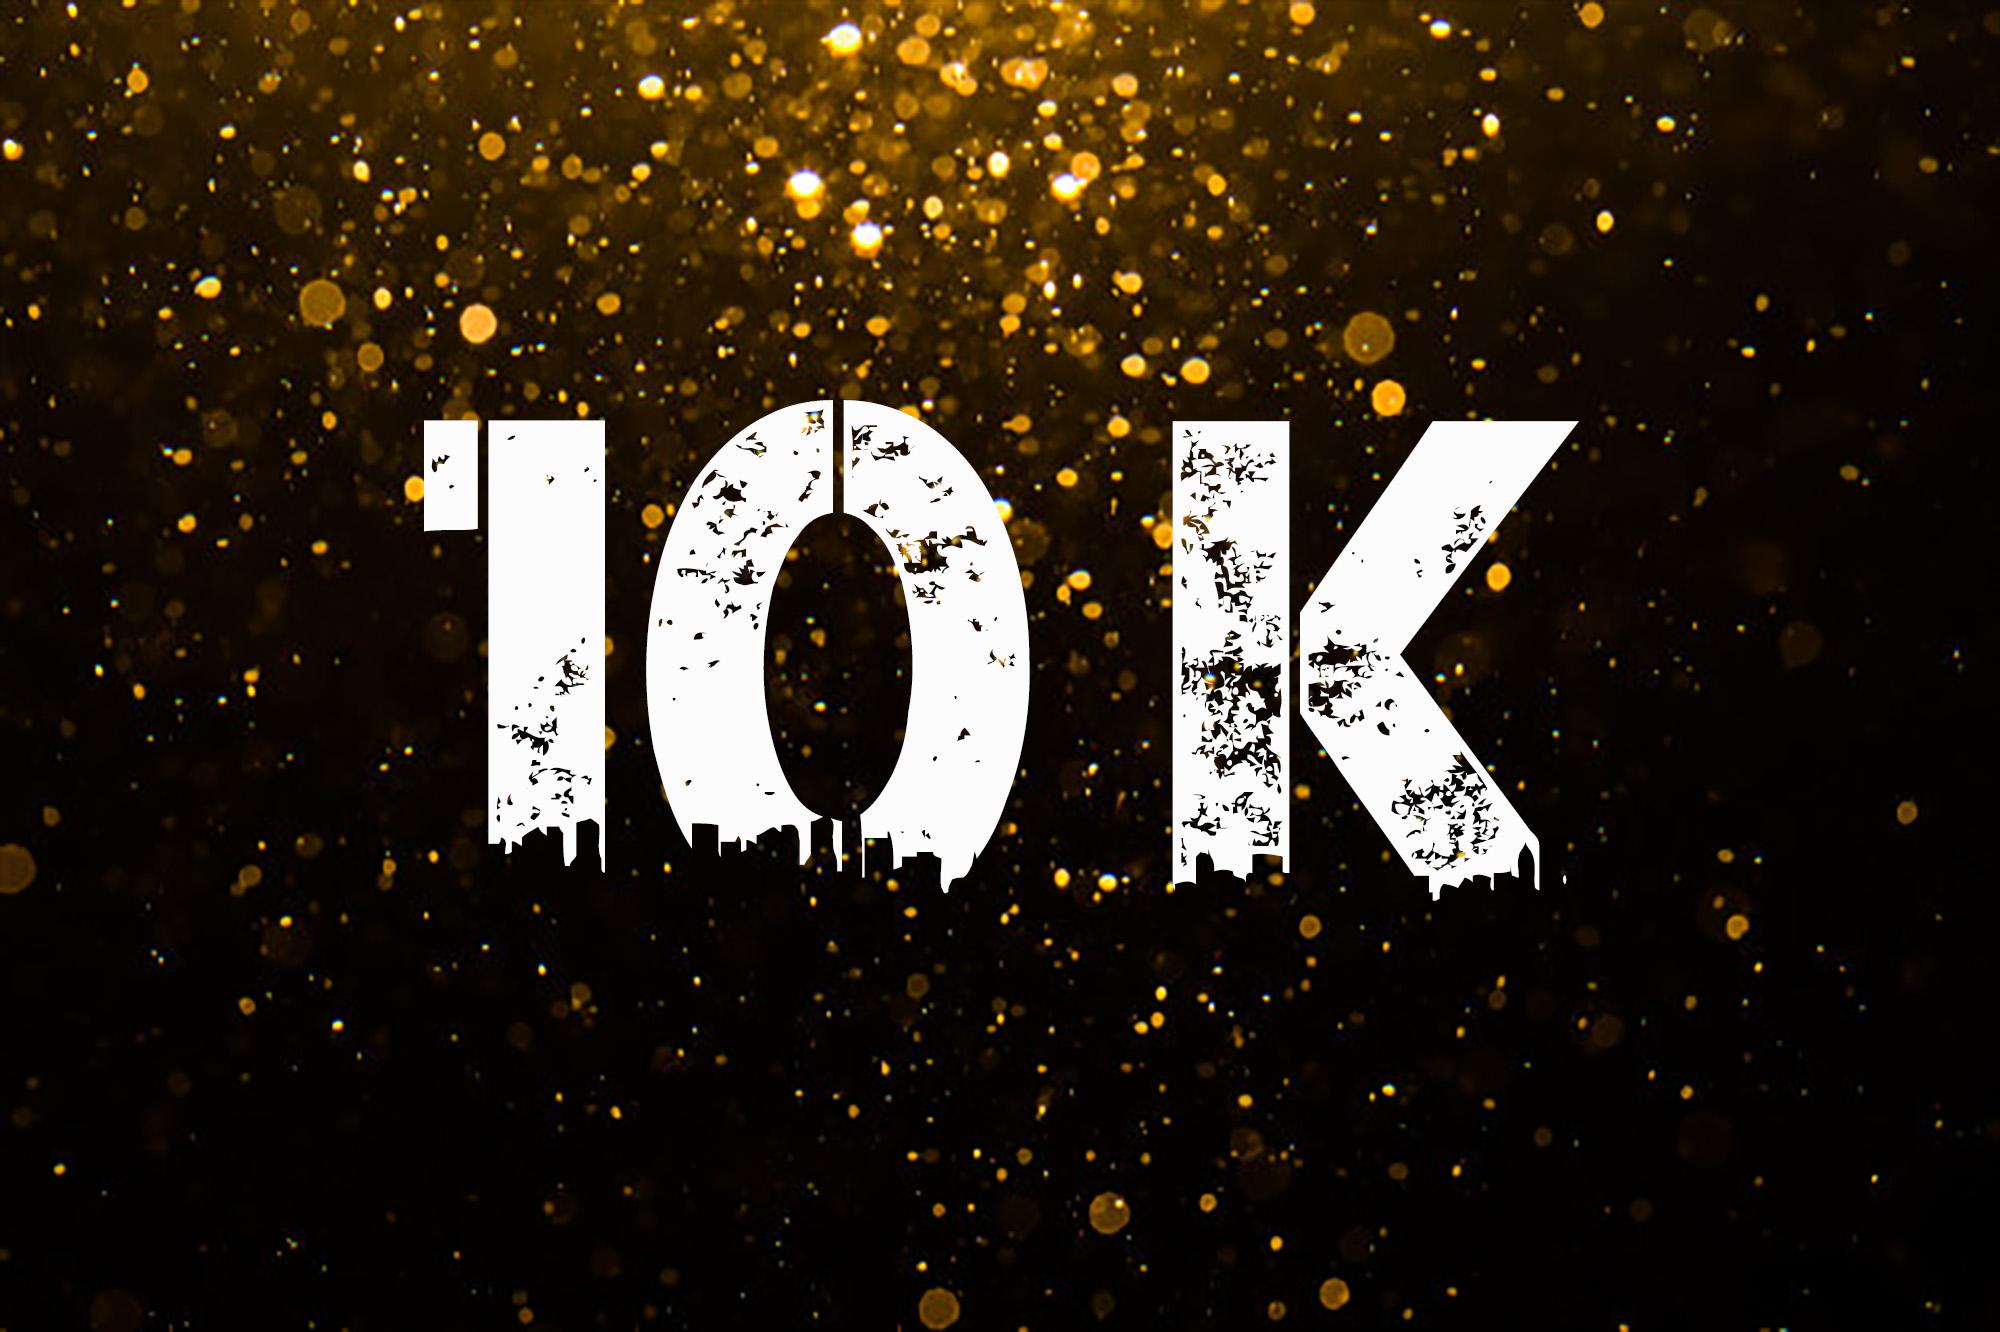 10000 followers on Instagram